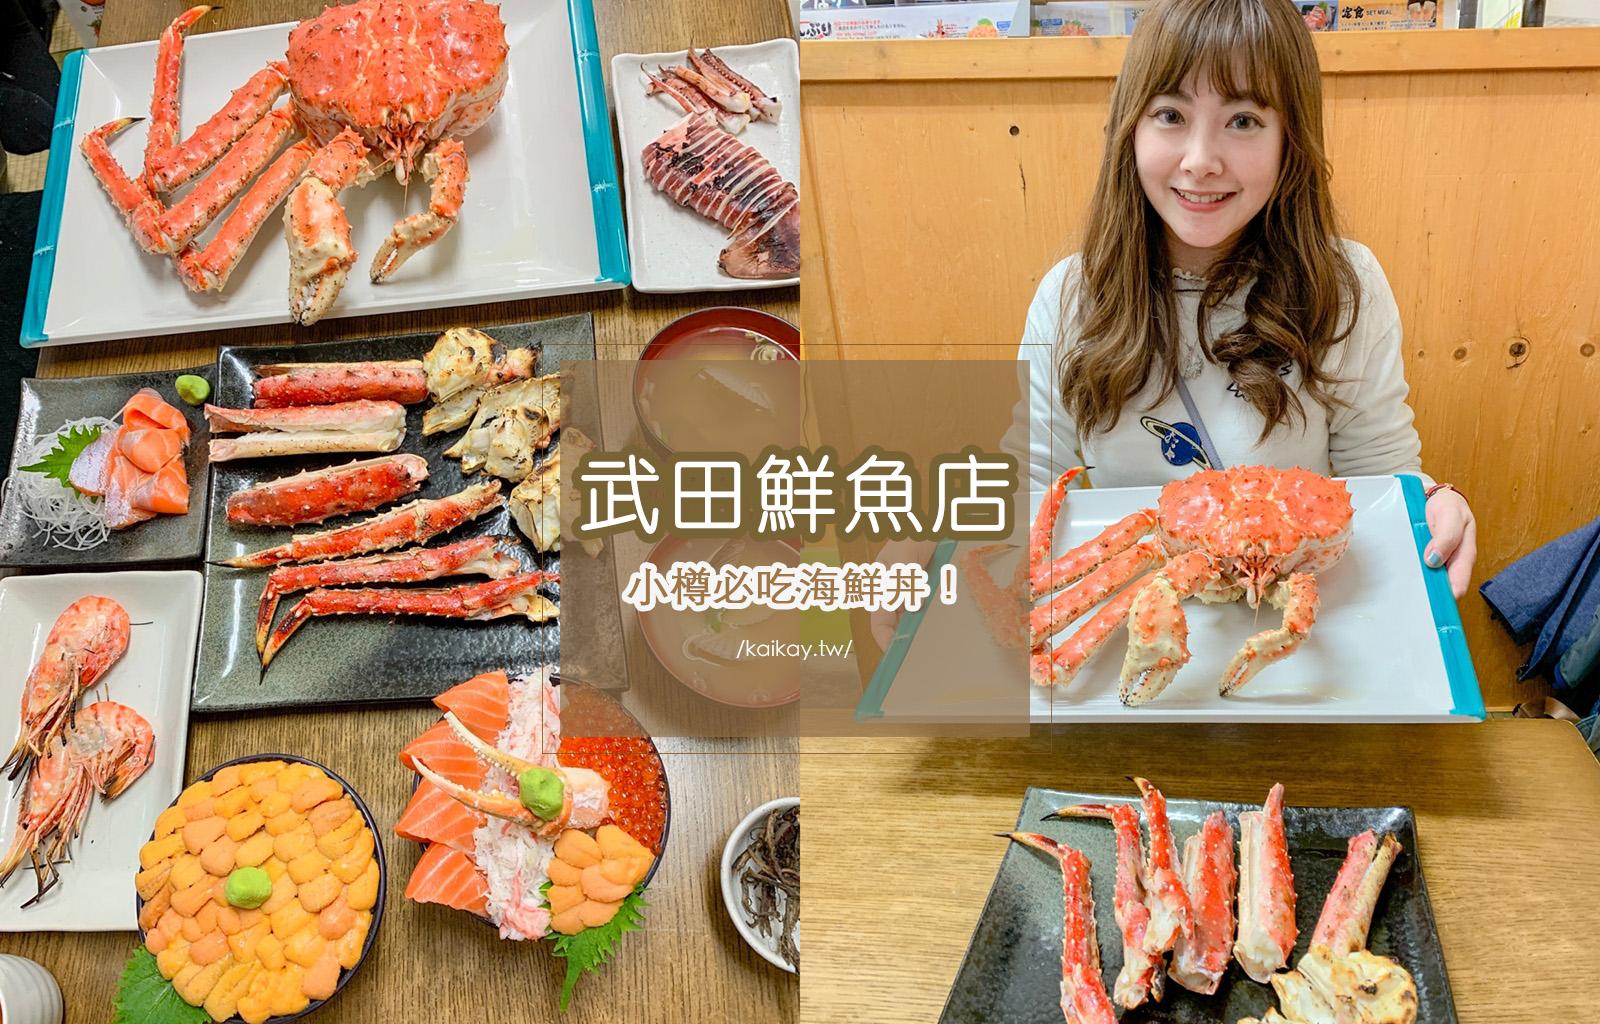 ☆【2020。北海道】小樽三角市場必吃美食!武田鮮魚店直營食堂特製:ANA海鮮丼 @凱的日本食尚日記